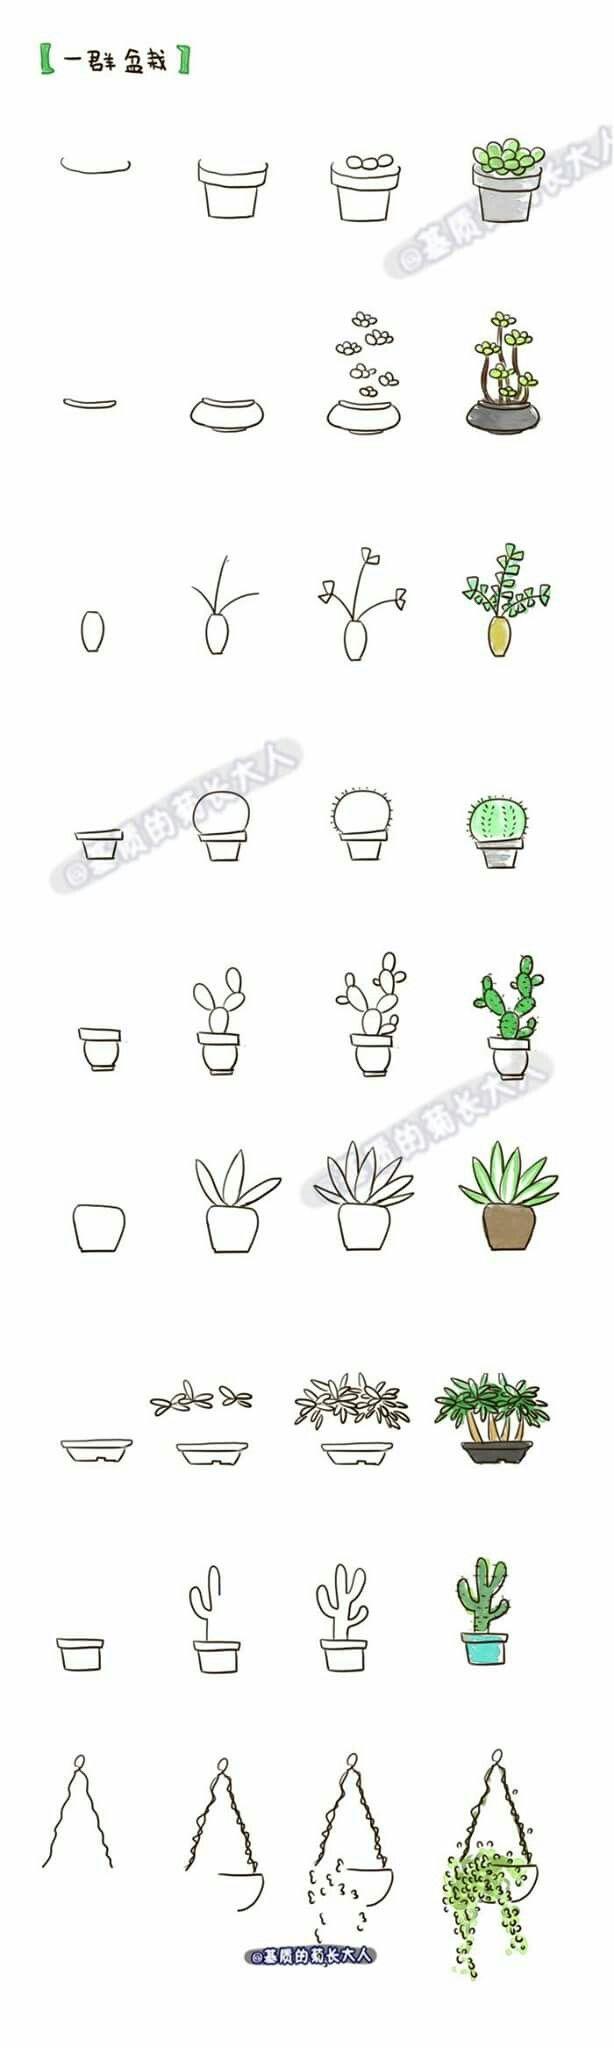 Doodles + plants = my favorite things